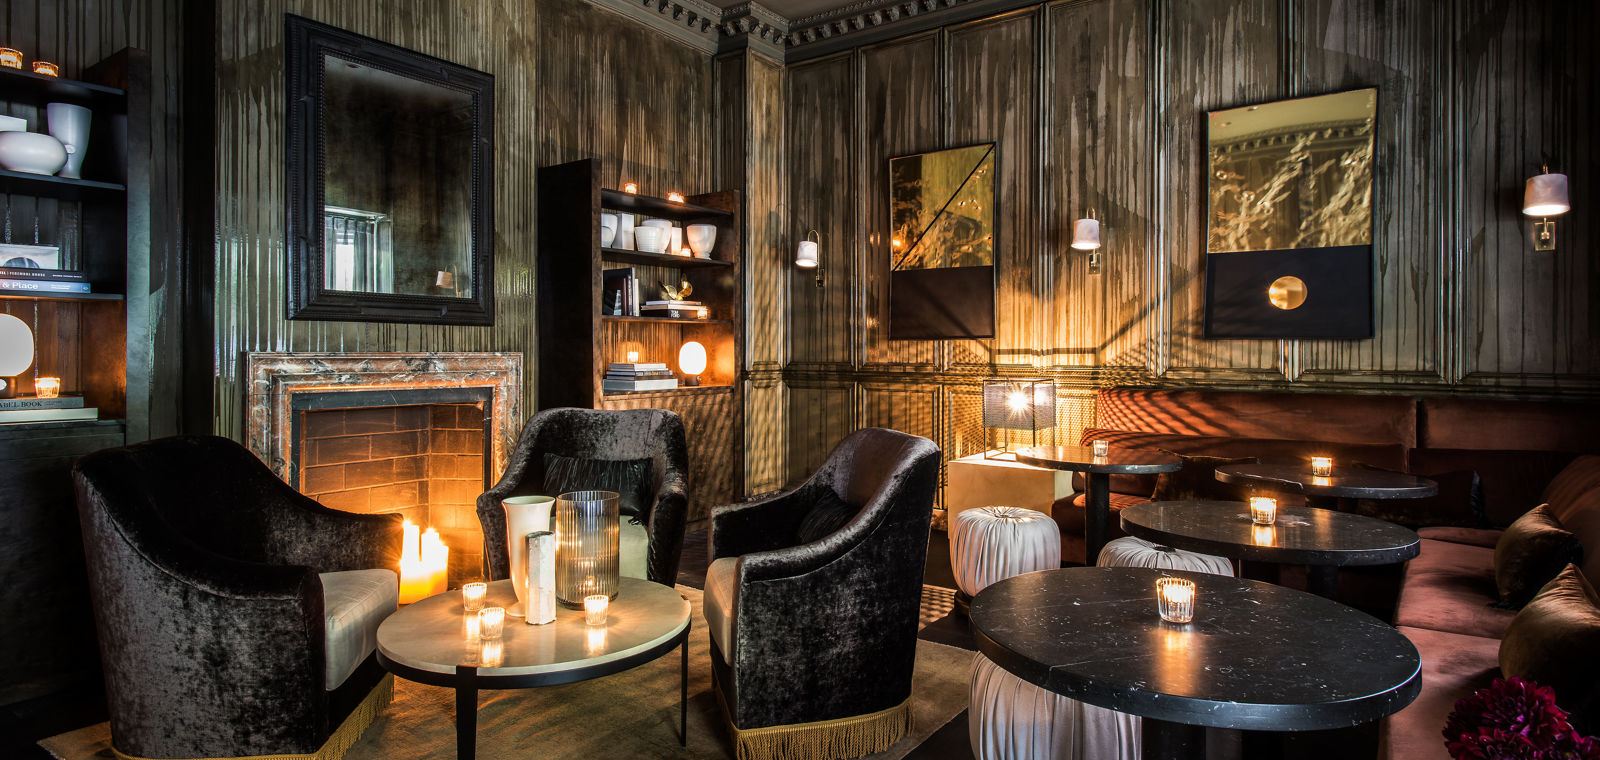 Best Hotel In Chicago S Gold Coast The Talbott Hotel